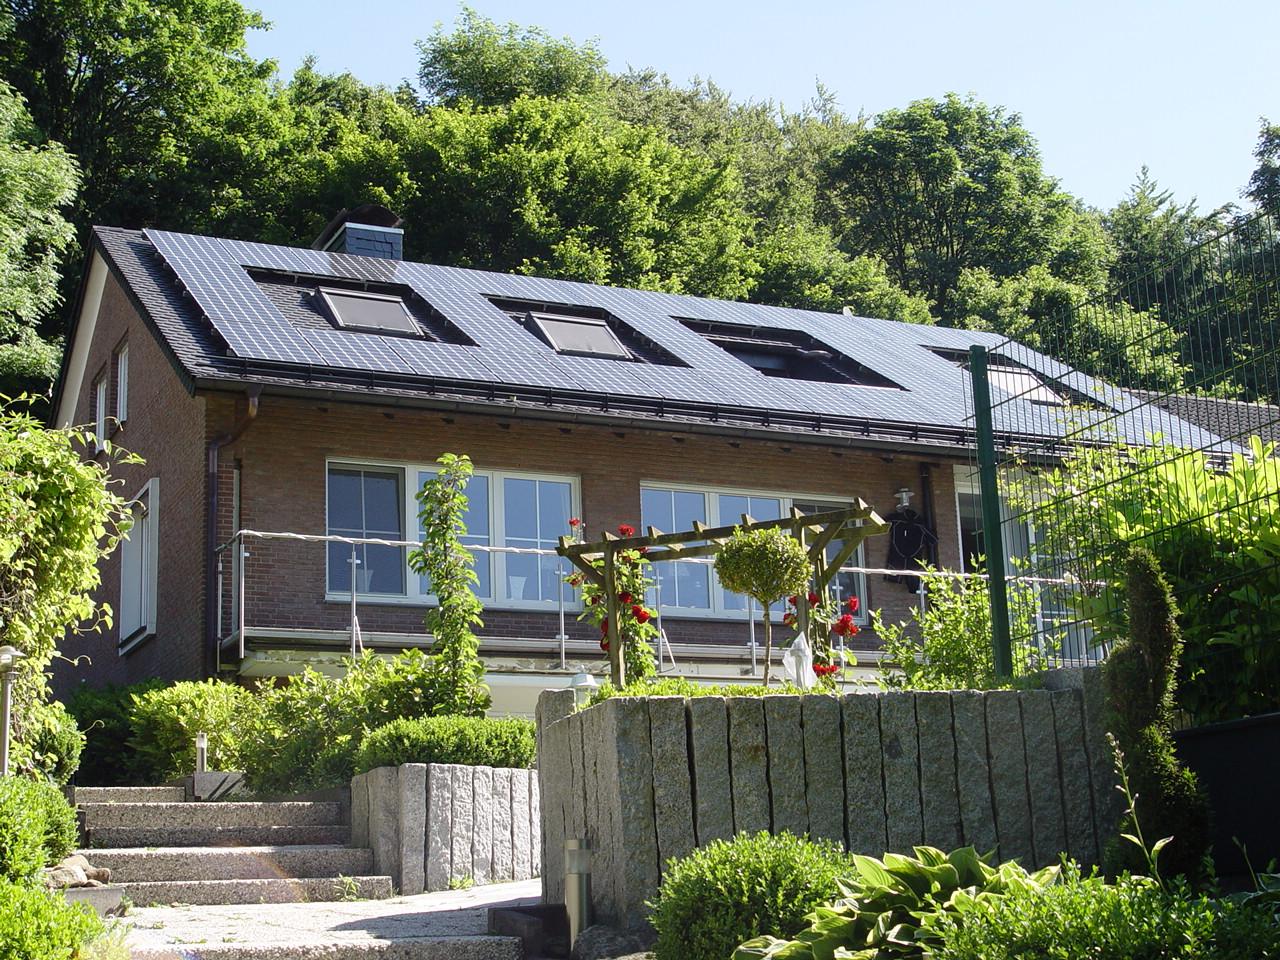 Henke Dachdecker für Stadthagen - Energie-Fachberater: Die sieben wichtigsten Tipps für die Dachsanierung - Beim Dachaufbau immer im System bleiben